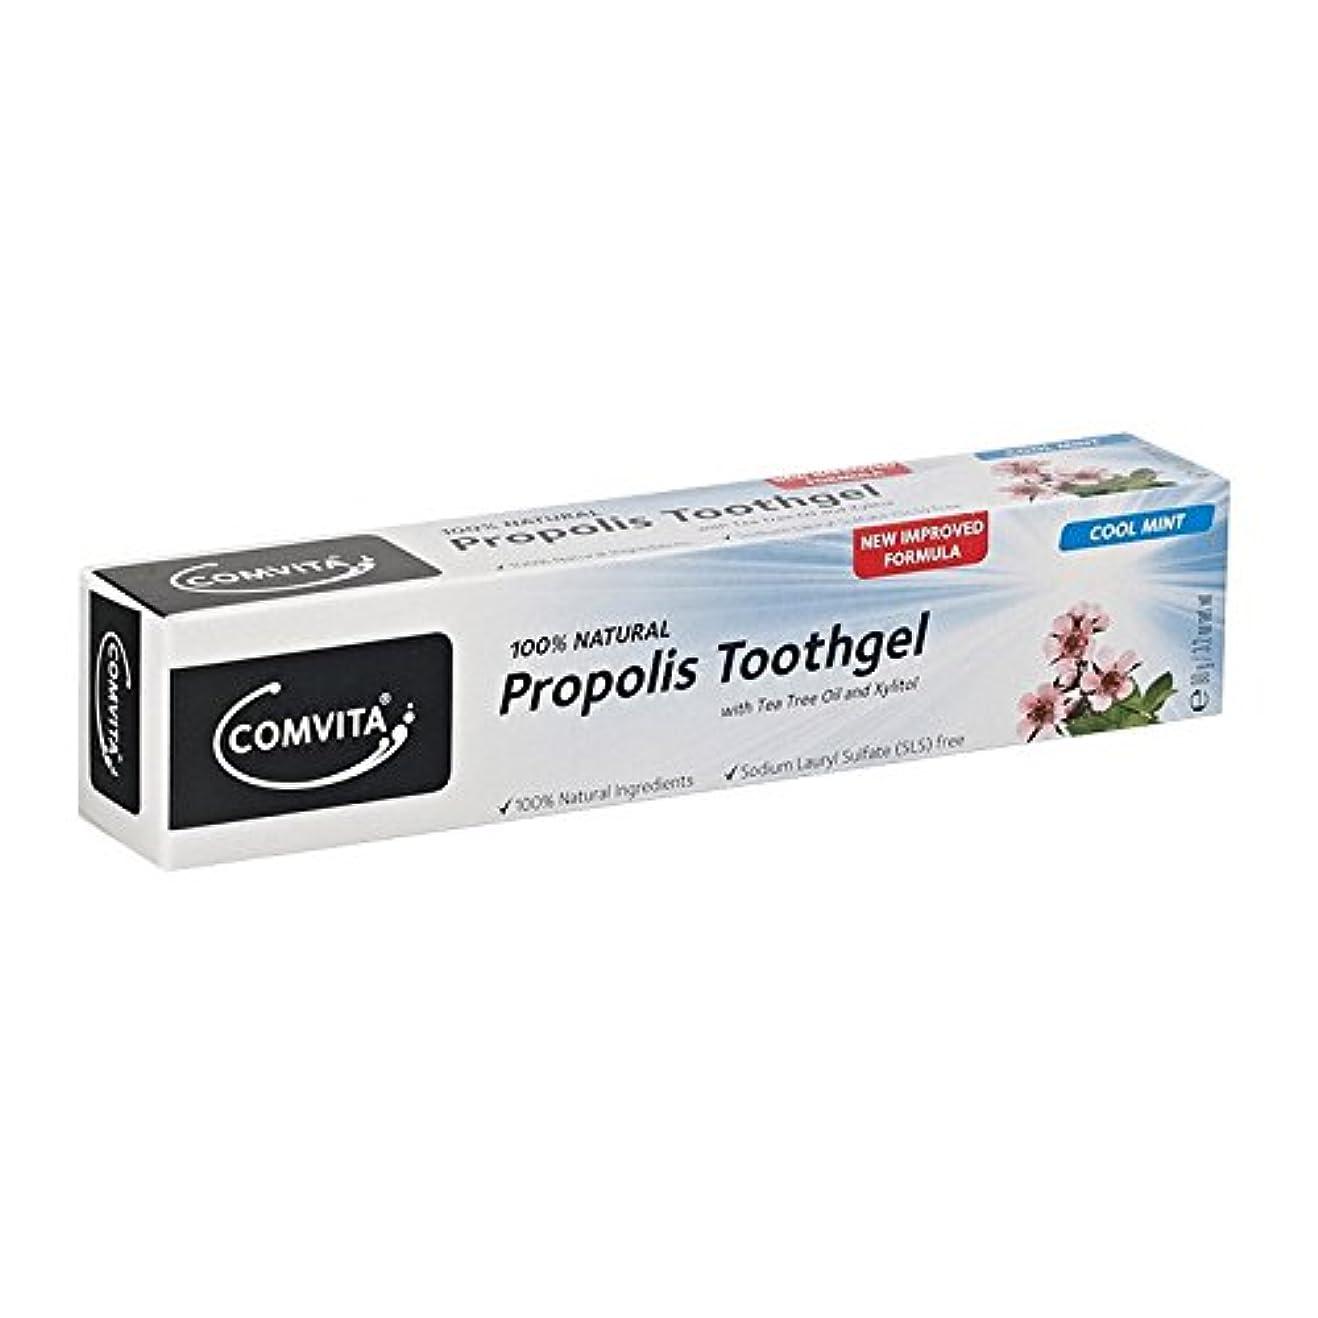 ショップ影響する無駄にComvita 100 Natural Propolis Toothgel (Pack of 6) - コンビタ100天然プロポリスToothgel (x6) [並行輸入品]